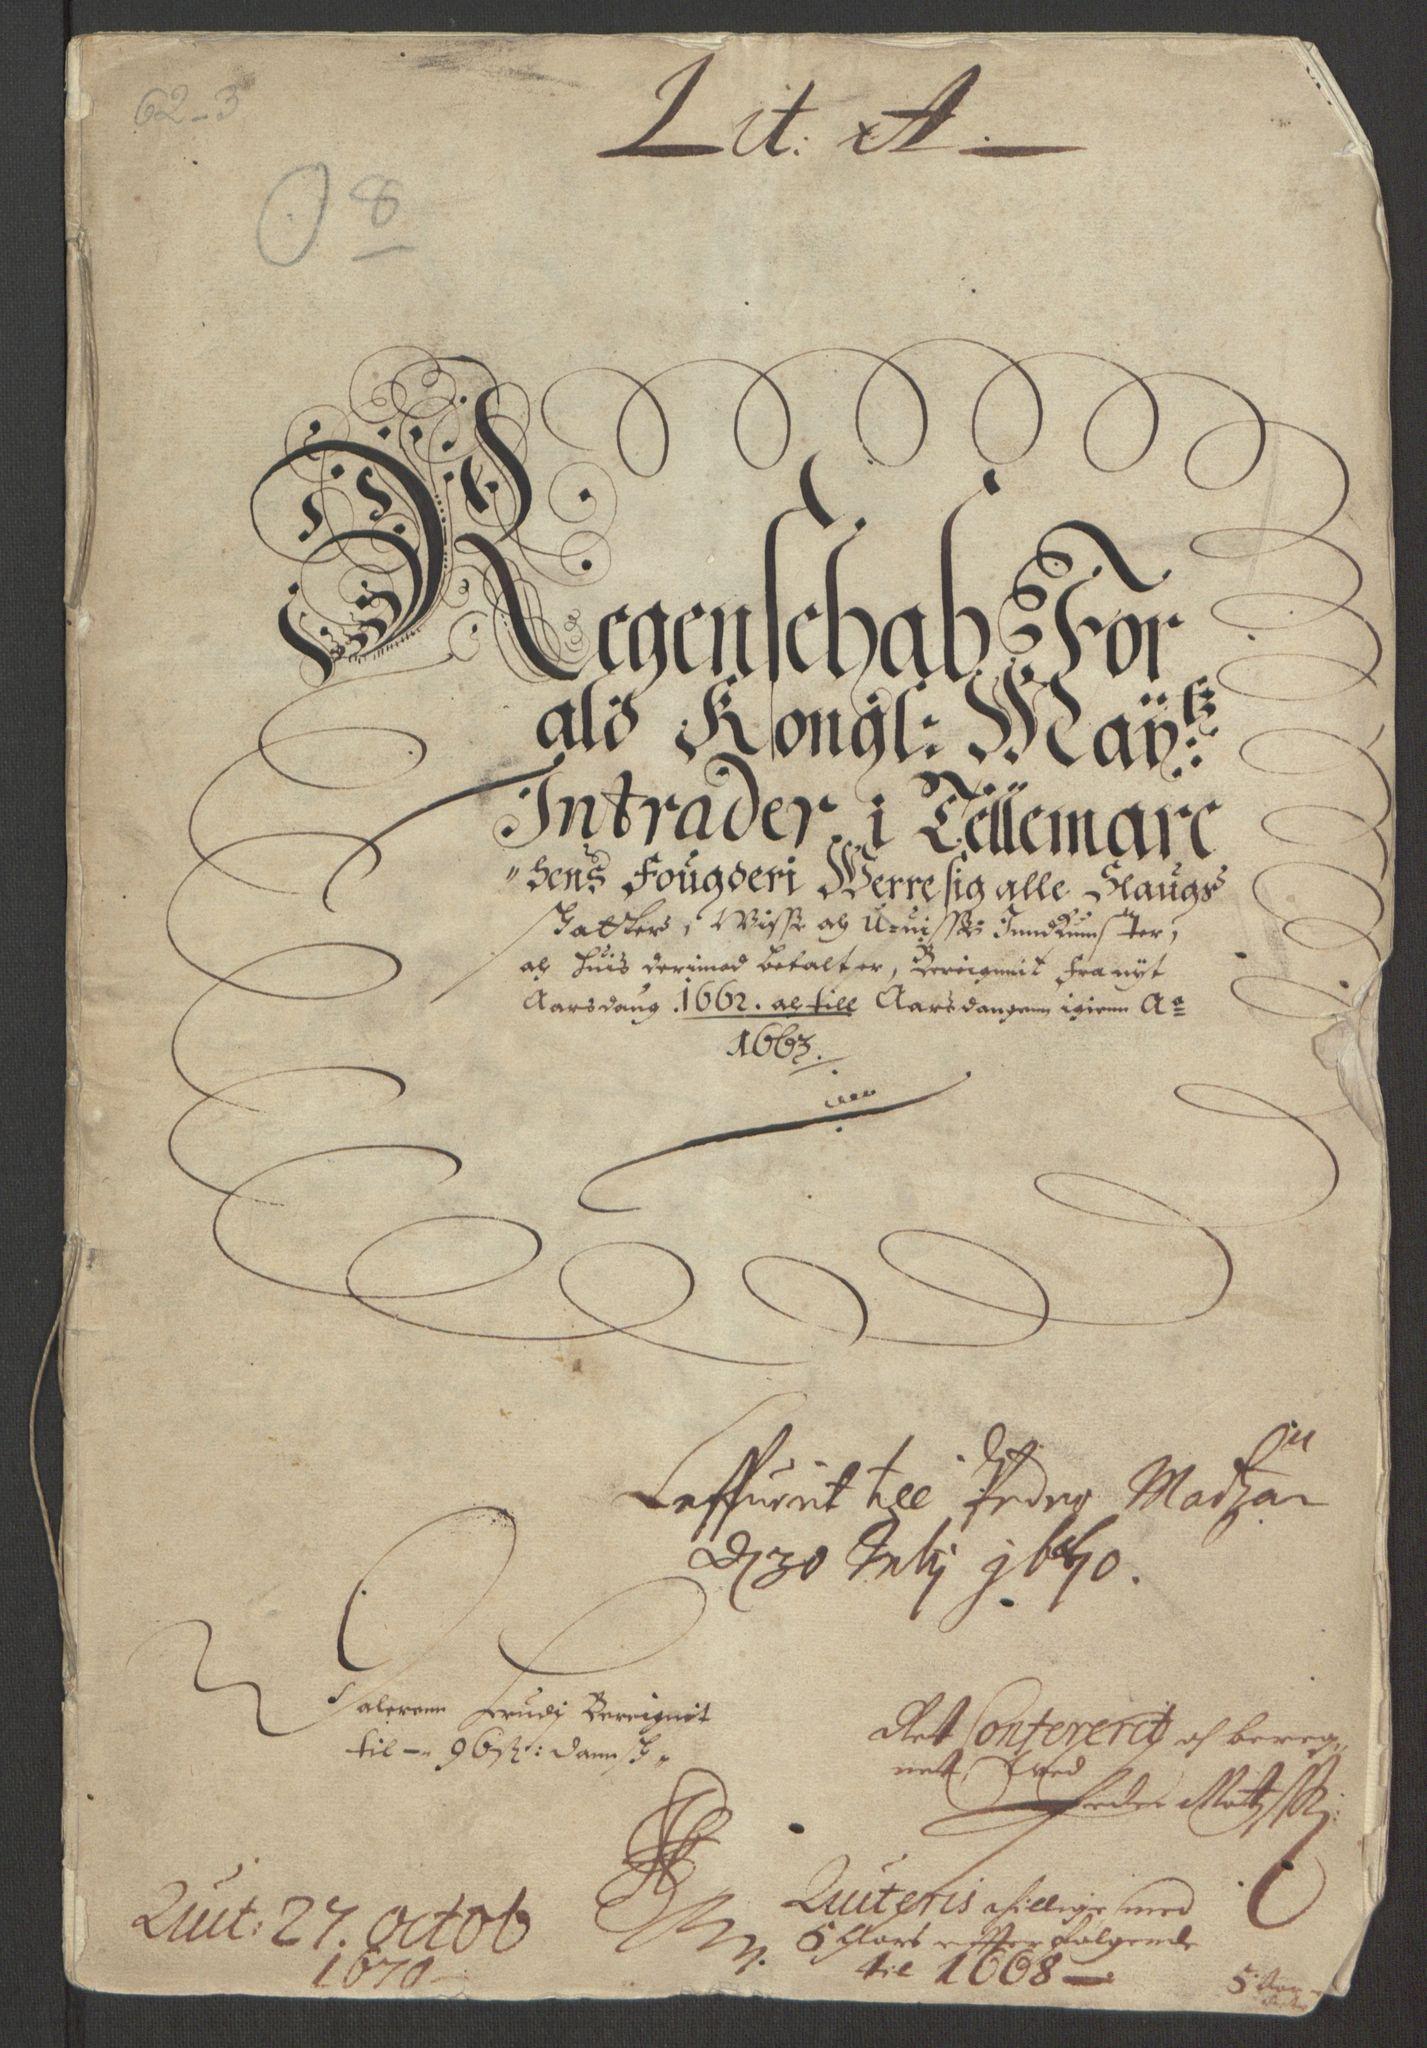 RA, Rentekammeret inntil 1814, Reviderte regnskaper, Fogderegnskap, R35/L2054: Fogderegnskap Øvre og Nedre Telemark, 1662-1663, s. 3